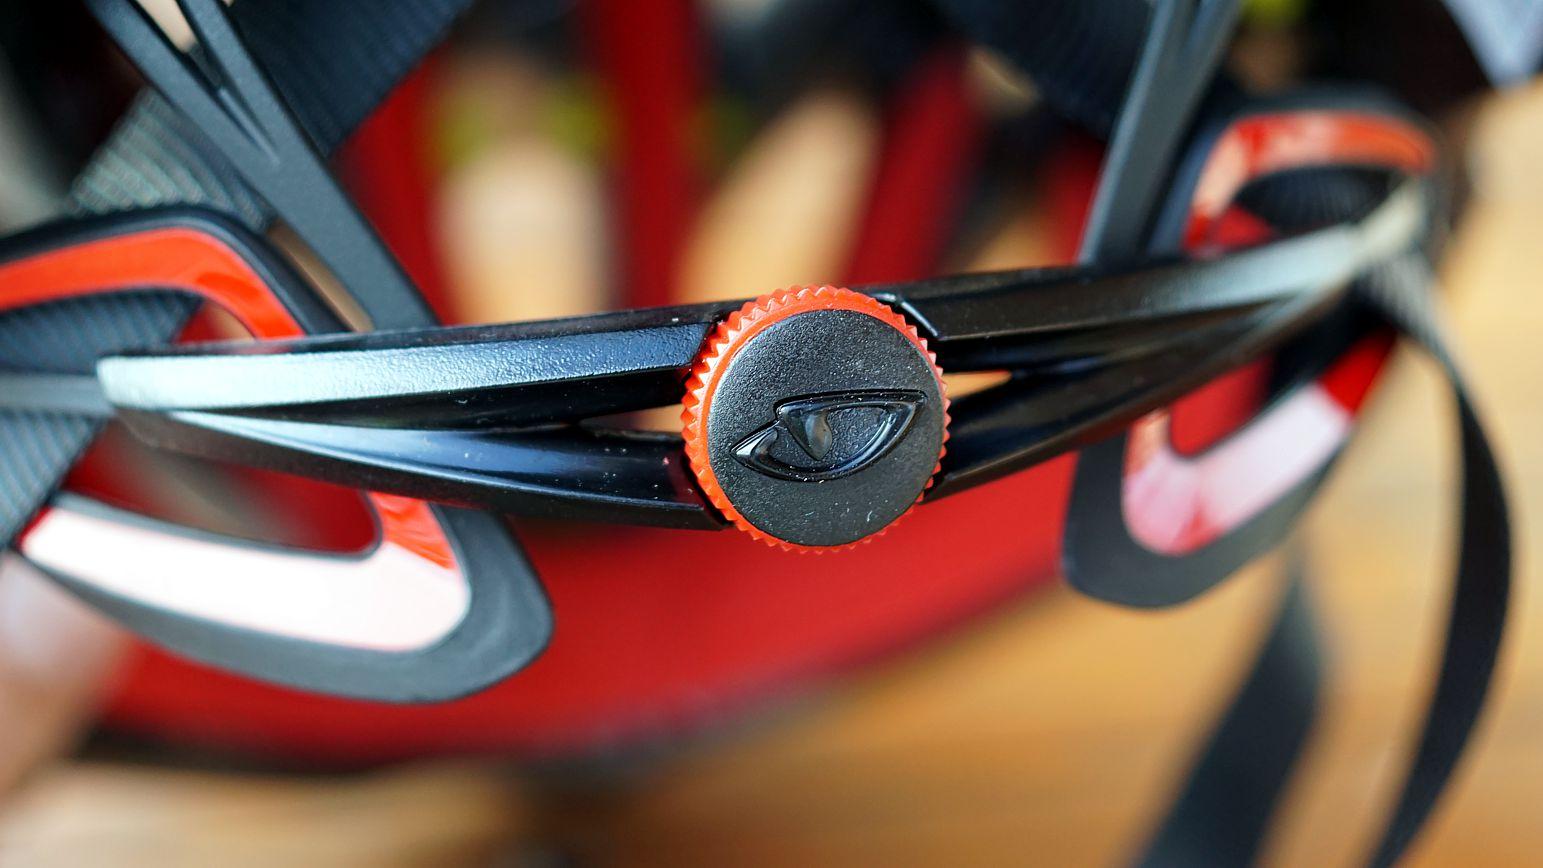 Das Feststellrad für den Innenkäfig ist sehr knackig definiert, gibt aber haptisch und optisch gutes Feedback.